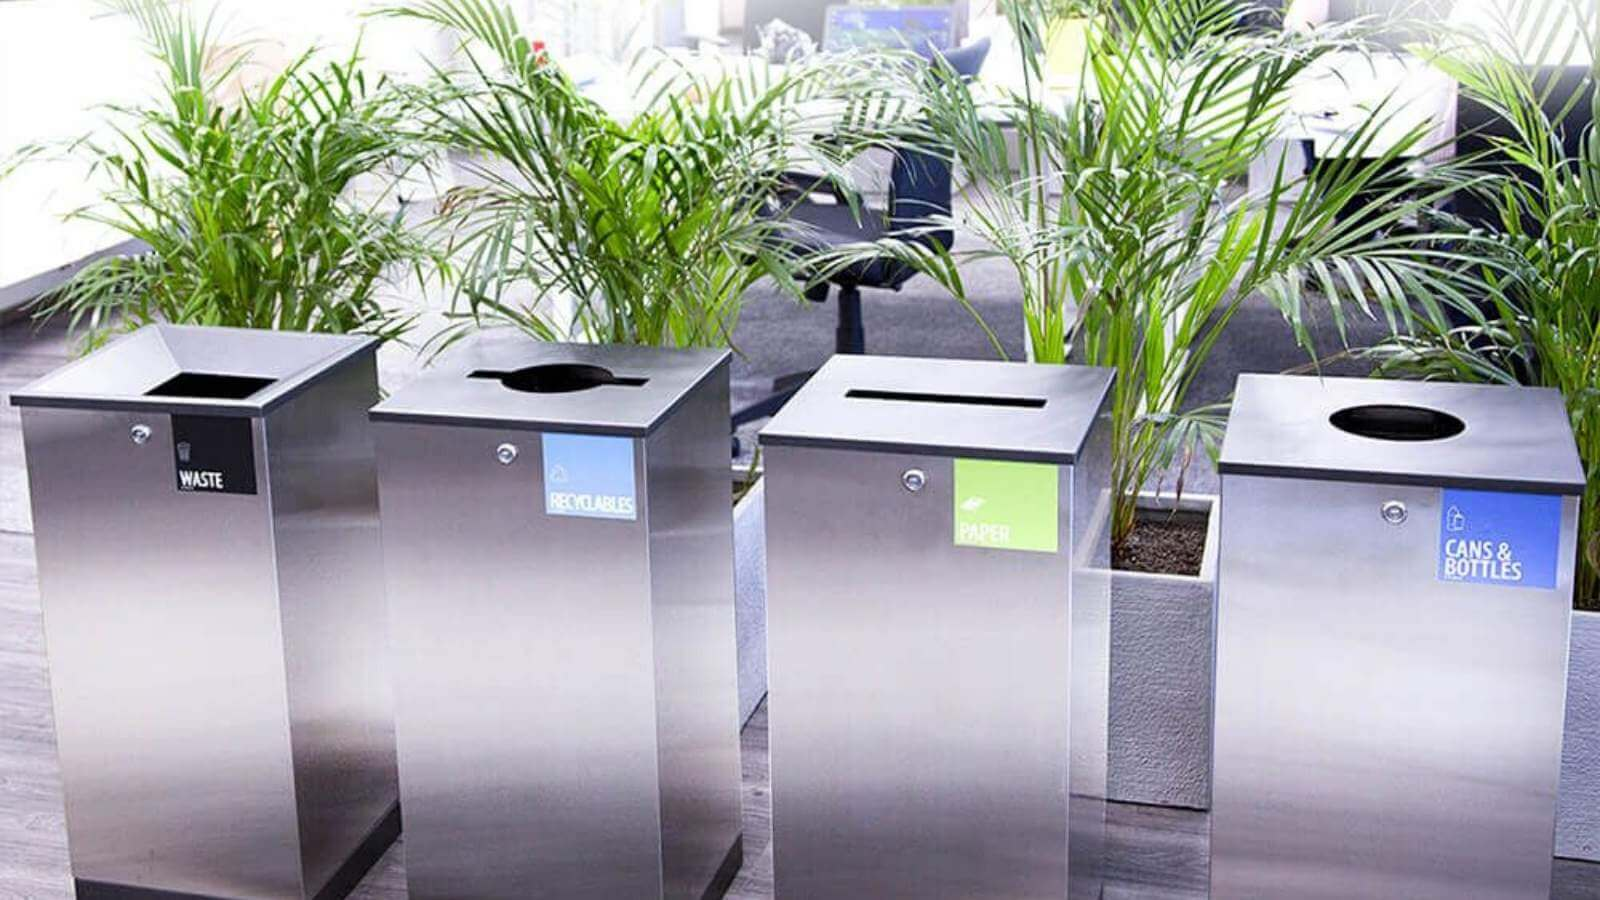 Cestini Per La Raccolta Differenziata In Ufficio Quali Scegliere Ciclia Ambiente